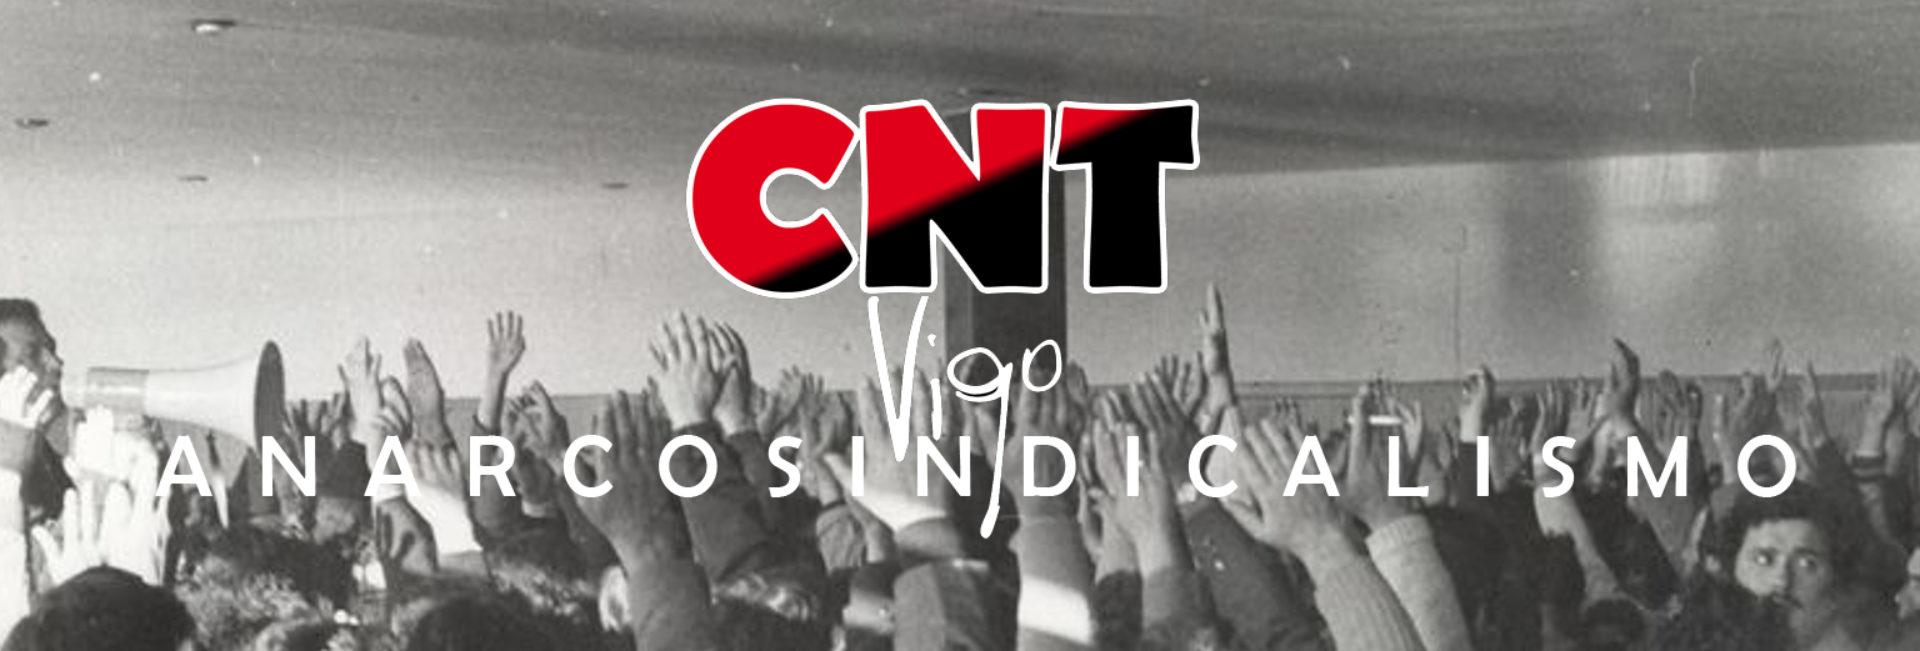 CNT-VIGO